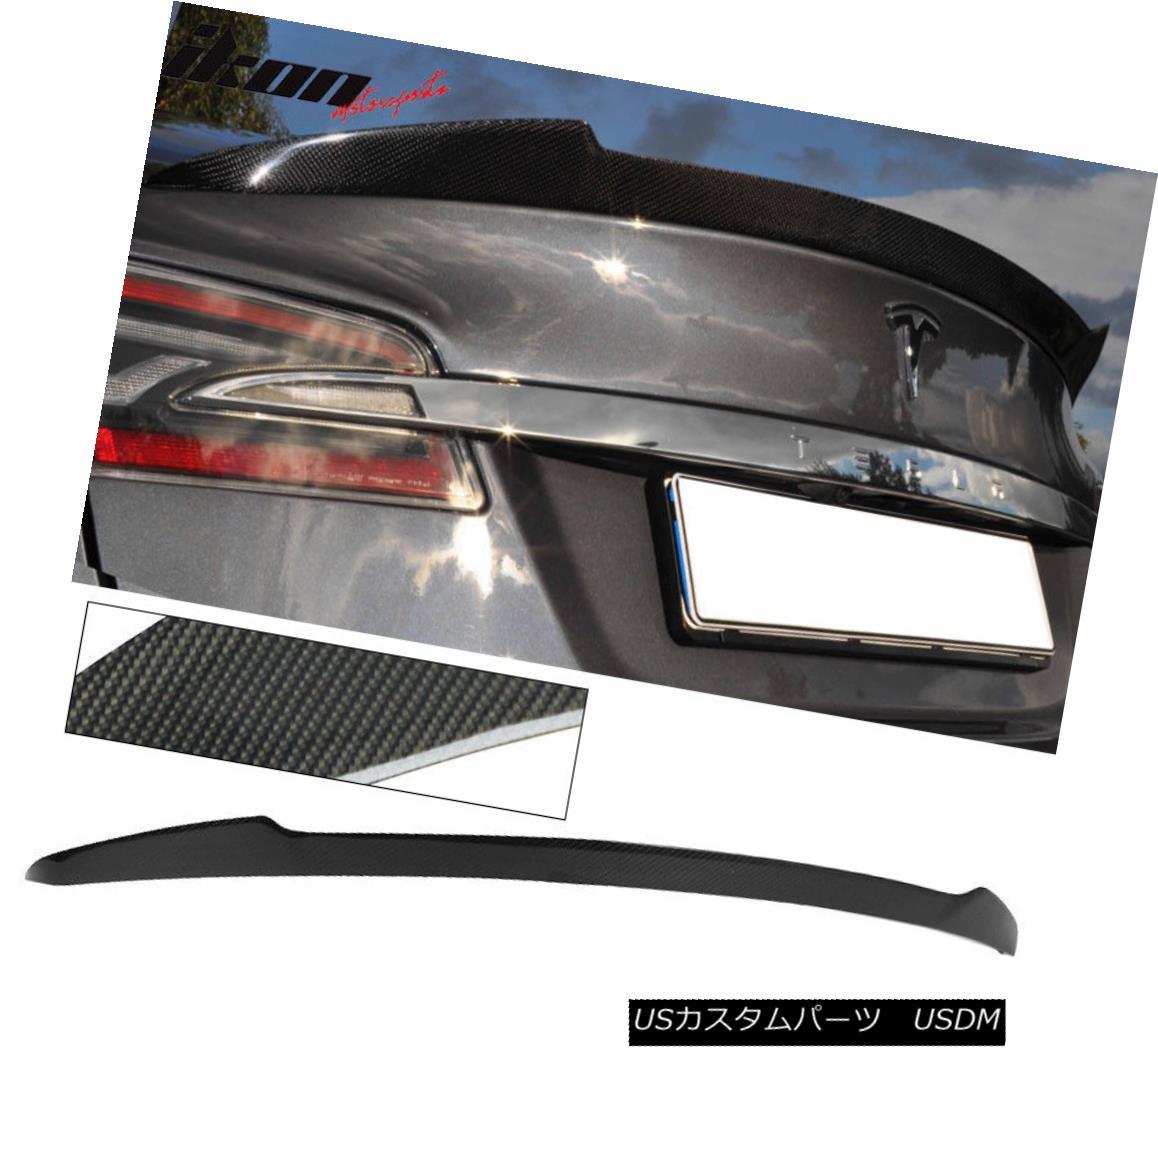 エアロパーツ 12-16 Tesla Model S H Style Trunk Spoiler - Carbon Fiber CF 12-16 Tesla Model S Hスタイルトランク・スポイラー - 炭素繊維CF